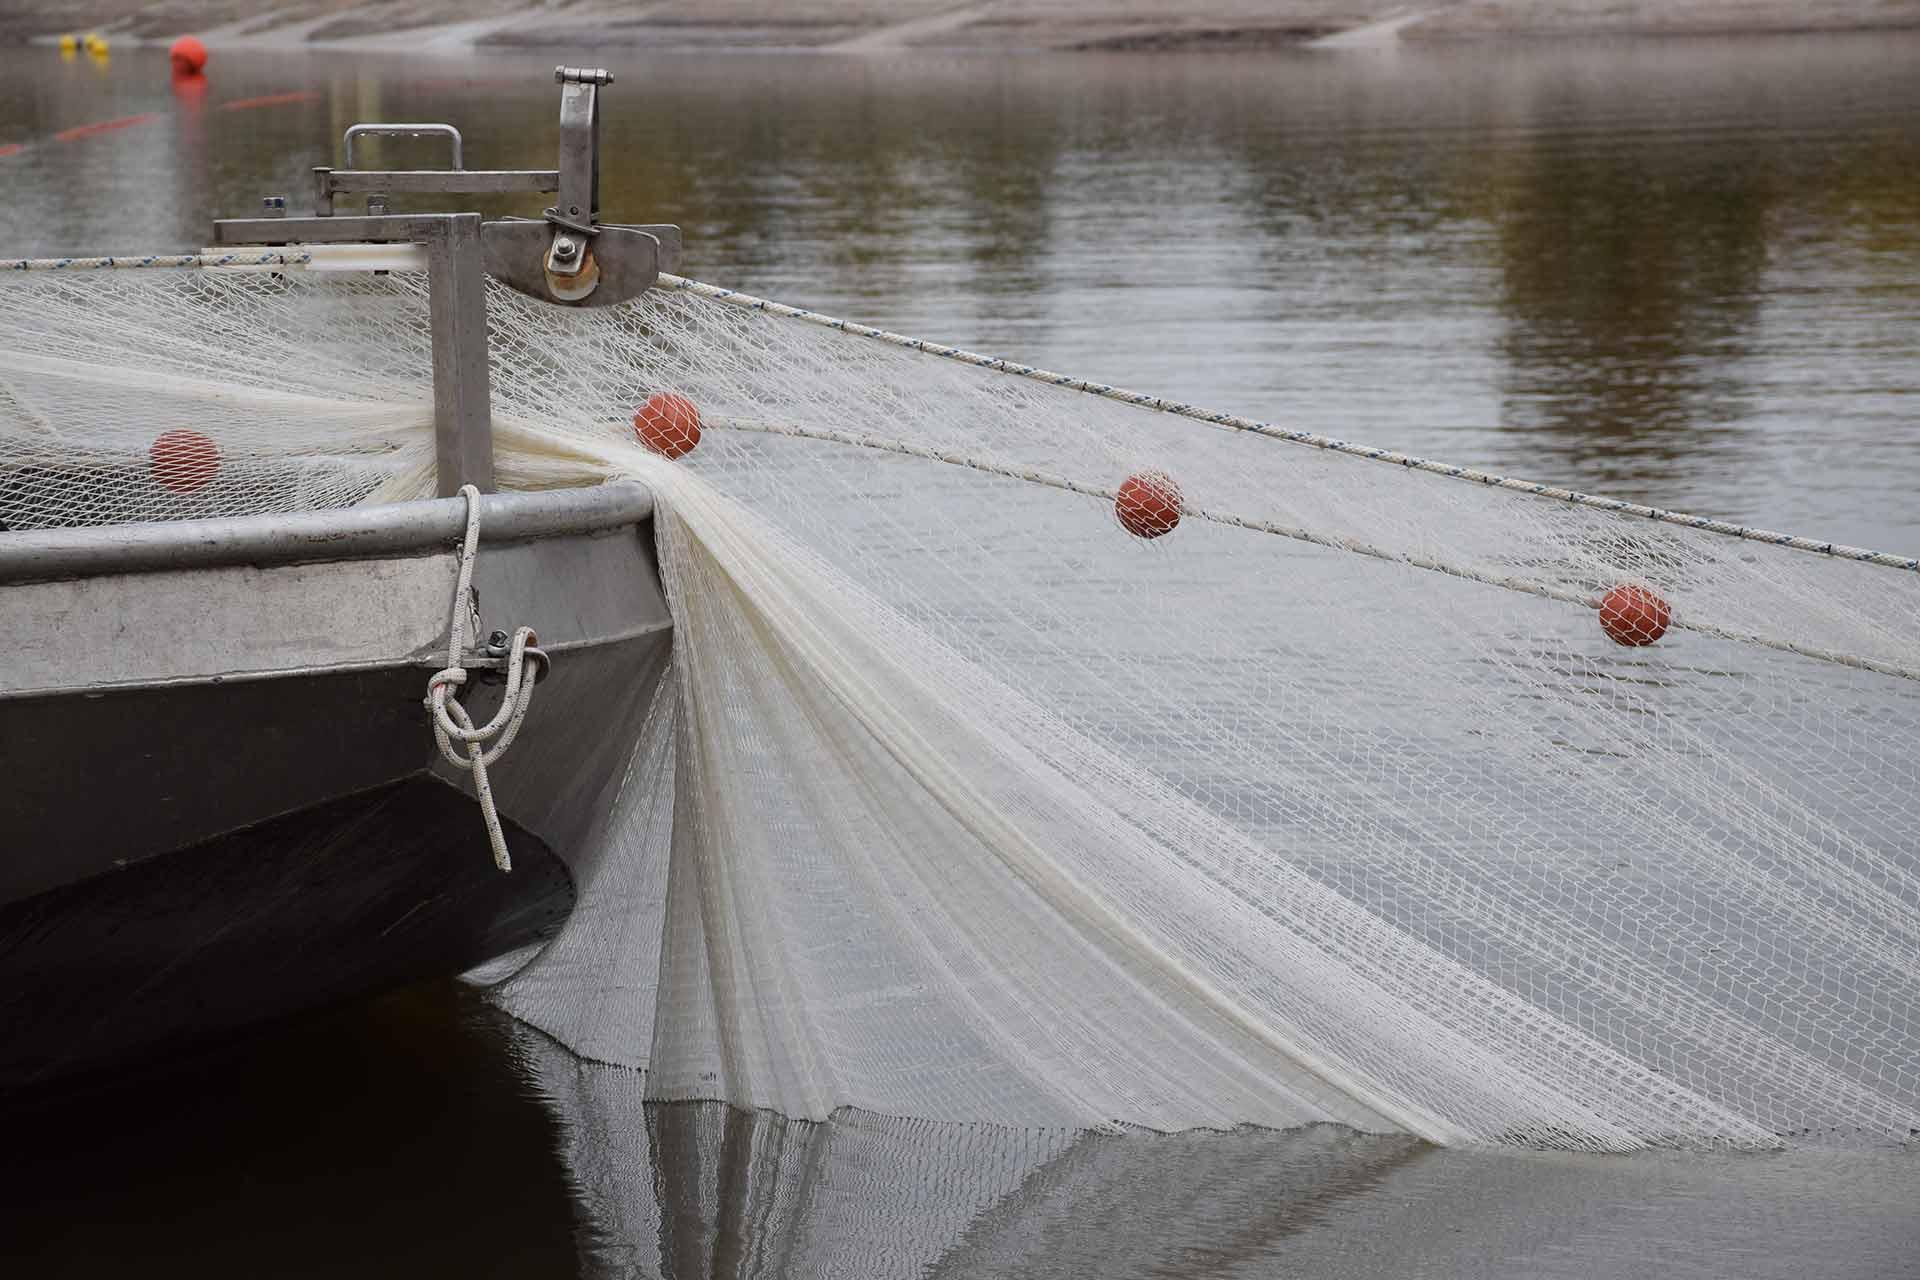 Afvissen en vis verplaatsen | Kooistra Visserij: afvissen, onderzoek en beheer